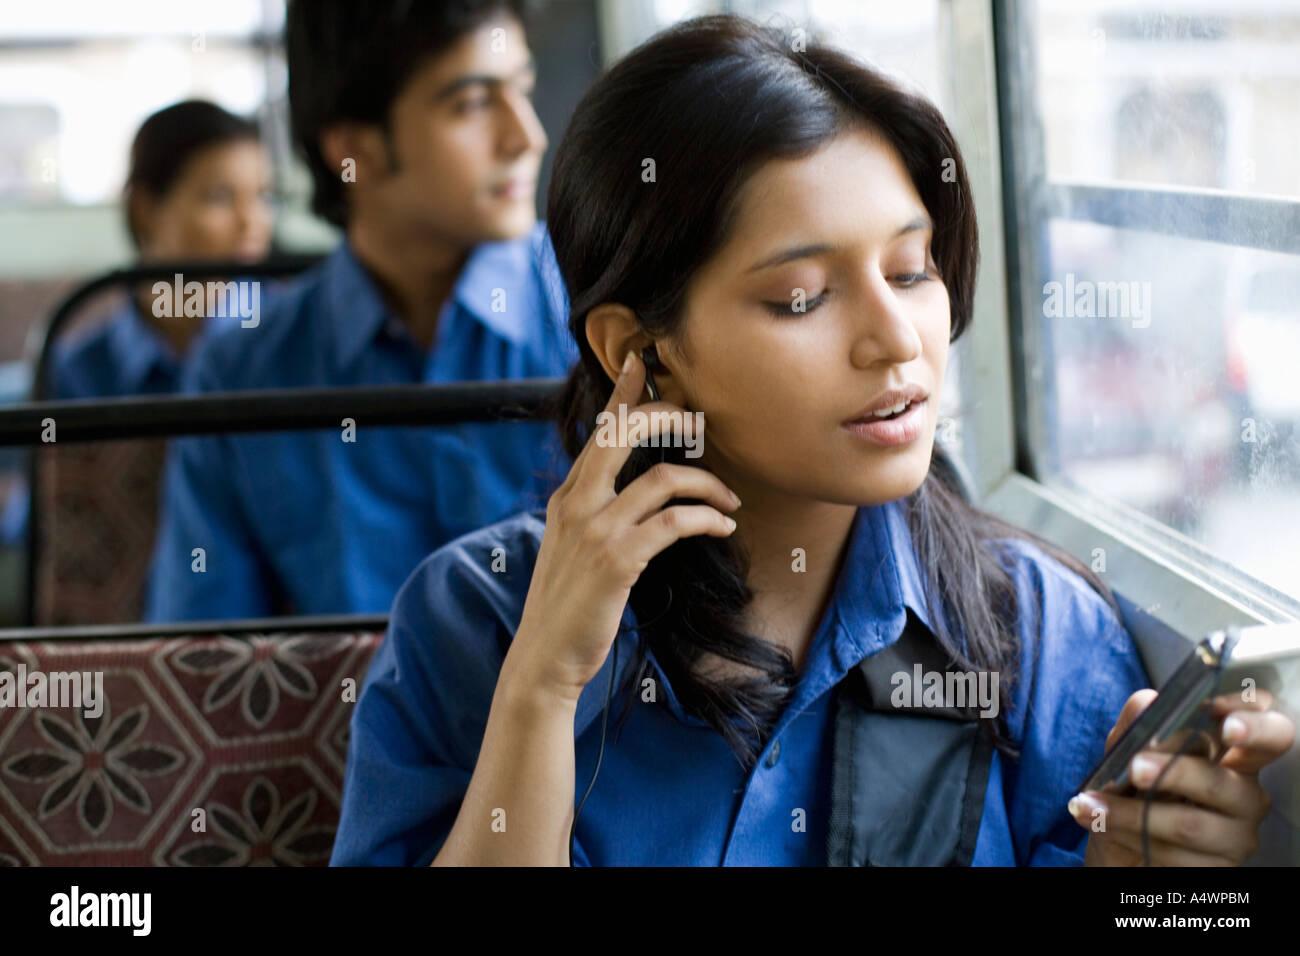 Uma aluna ouvir mp3 no barramento Imagens de Stock